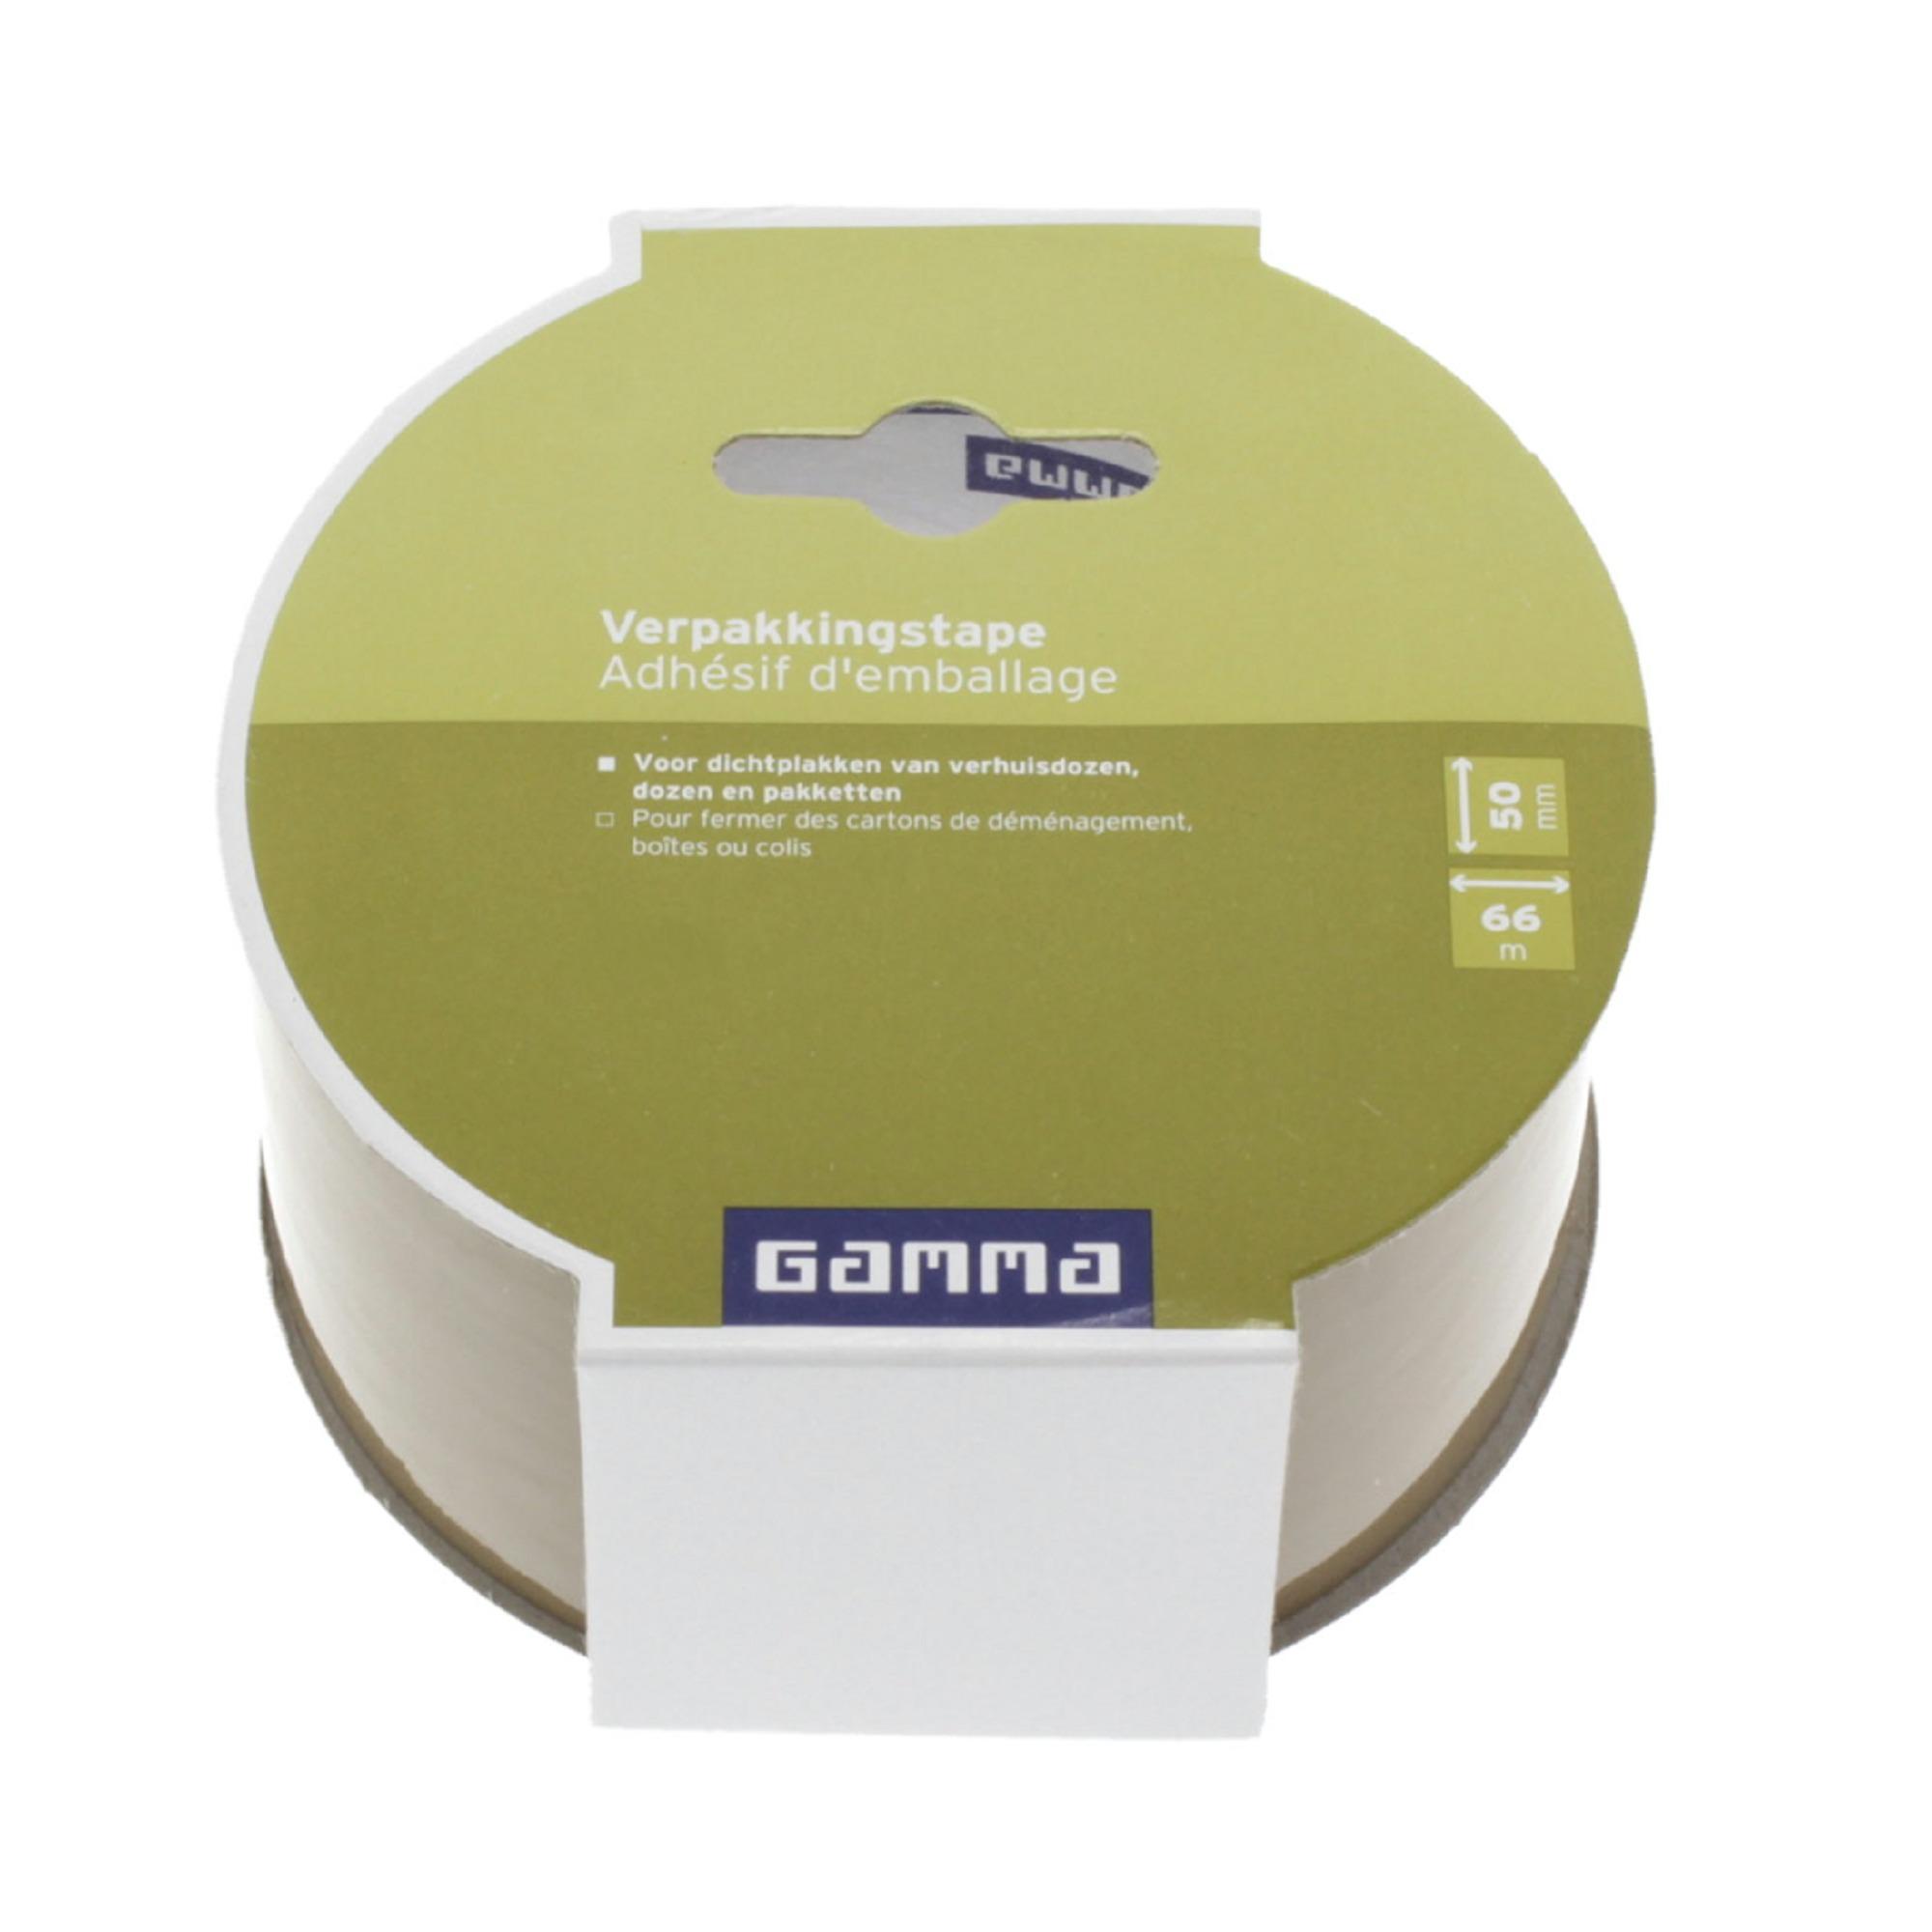 GAMMA verpakkingstape bruin 50 mm 66 meter